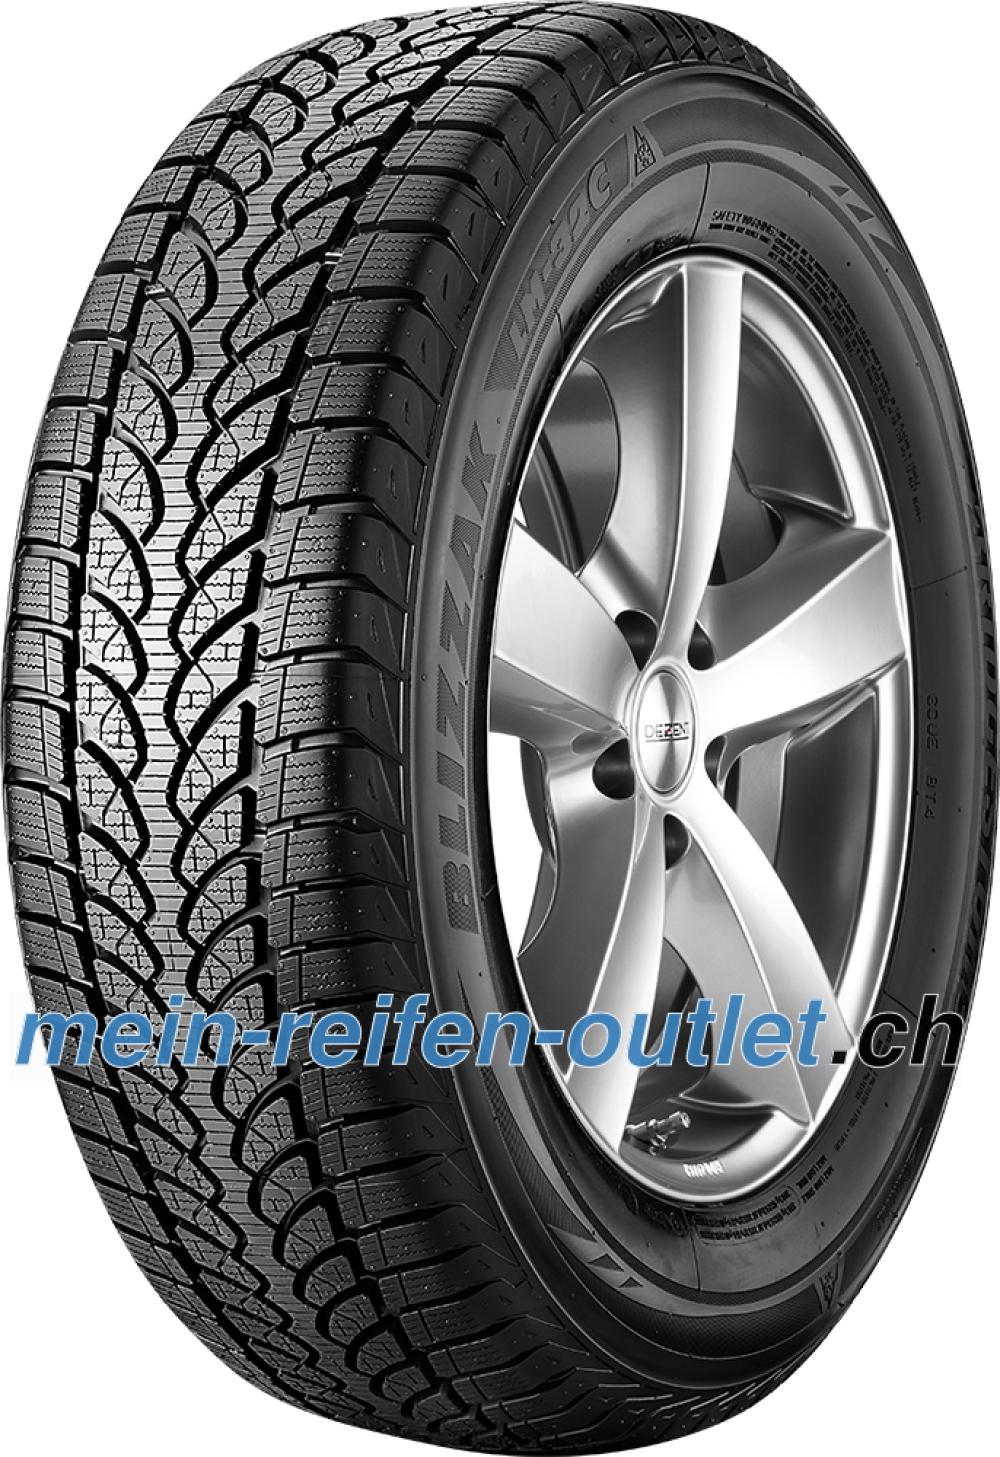 Bridgestone Blizzak LM-32 C ( 195/65 R16C 100/98T 6PR )